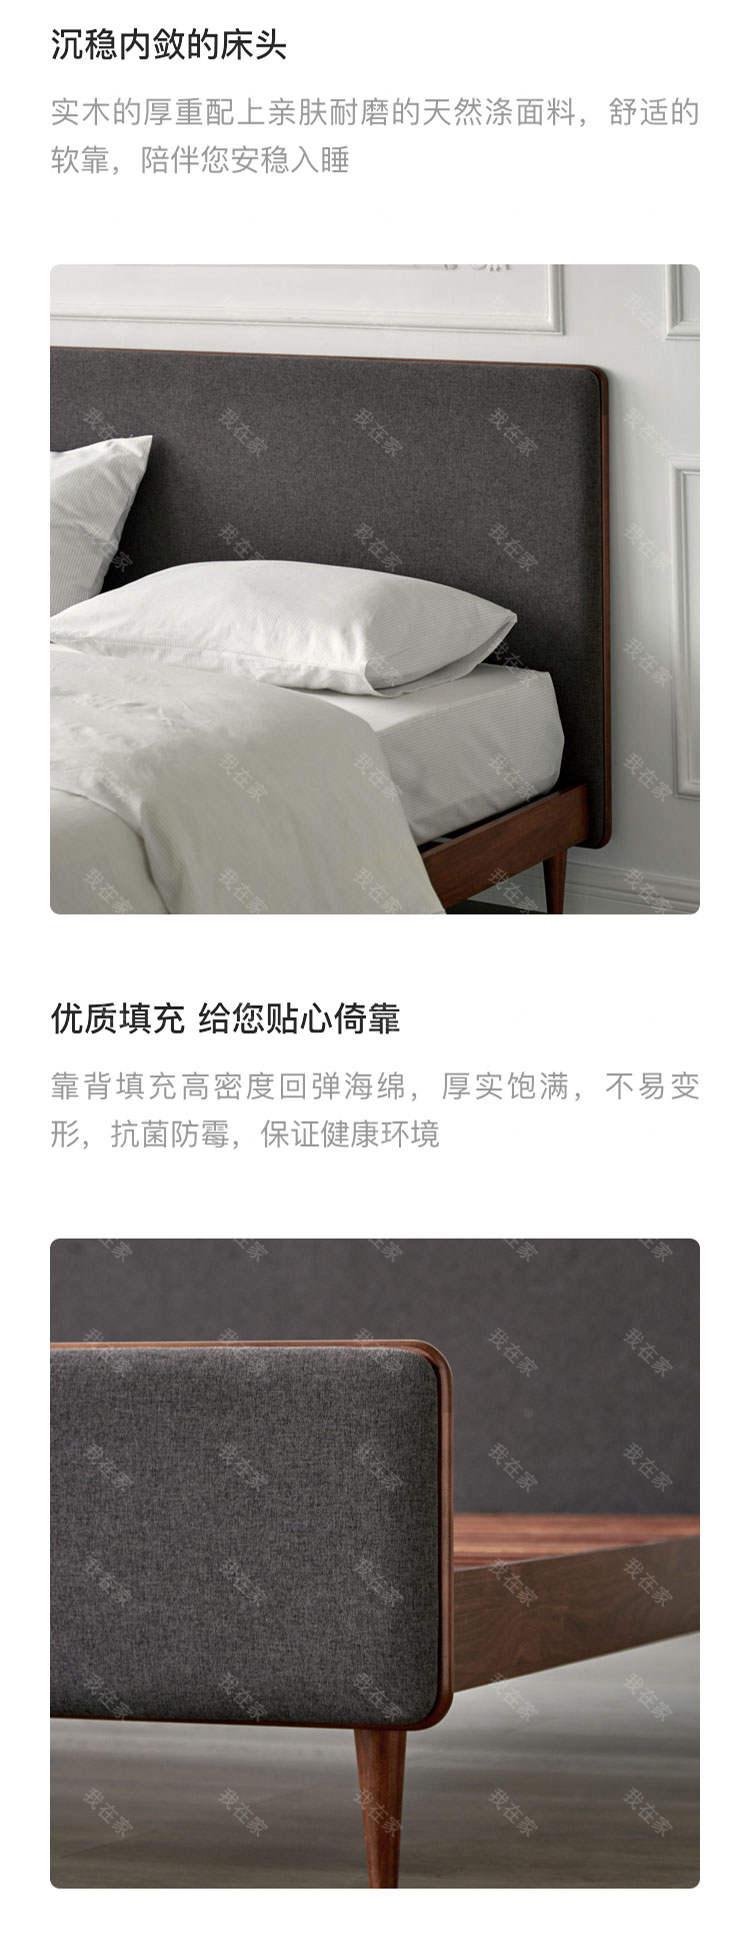 中古风风格马德里双人床的家具详细介绍